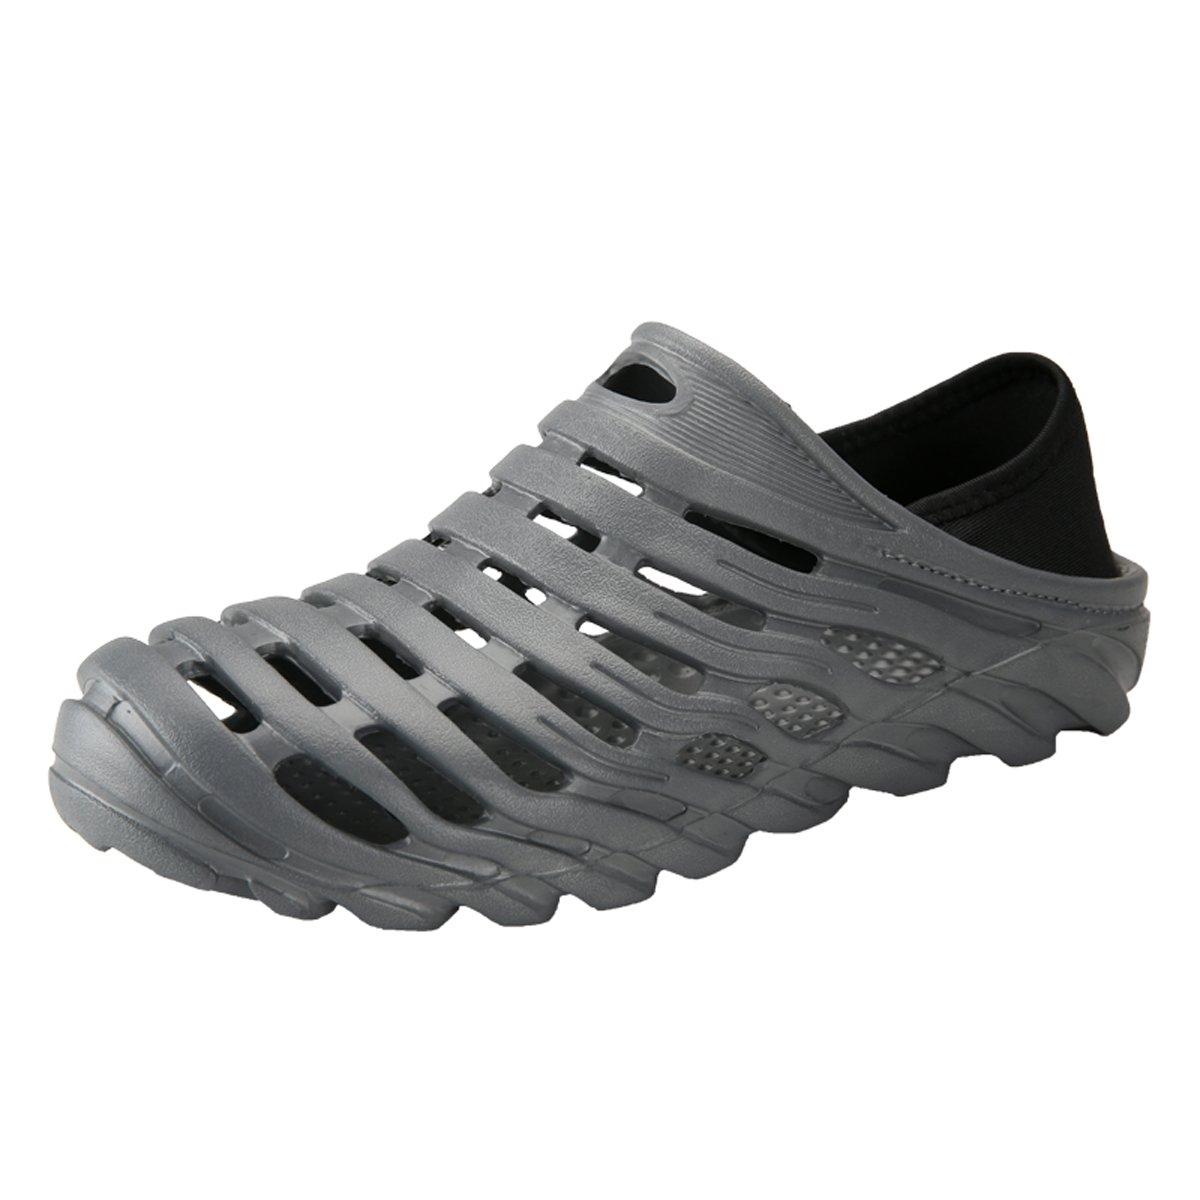 RARKOR Garden Shoes Men's Ultralight Hollow Summer Aqua Breathable Comfort Slippers Outdoor Unisex Water Shoes Grey 43